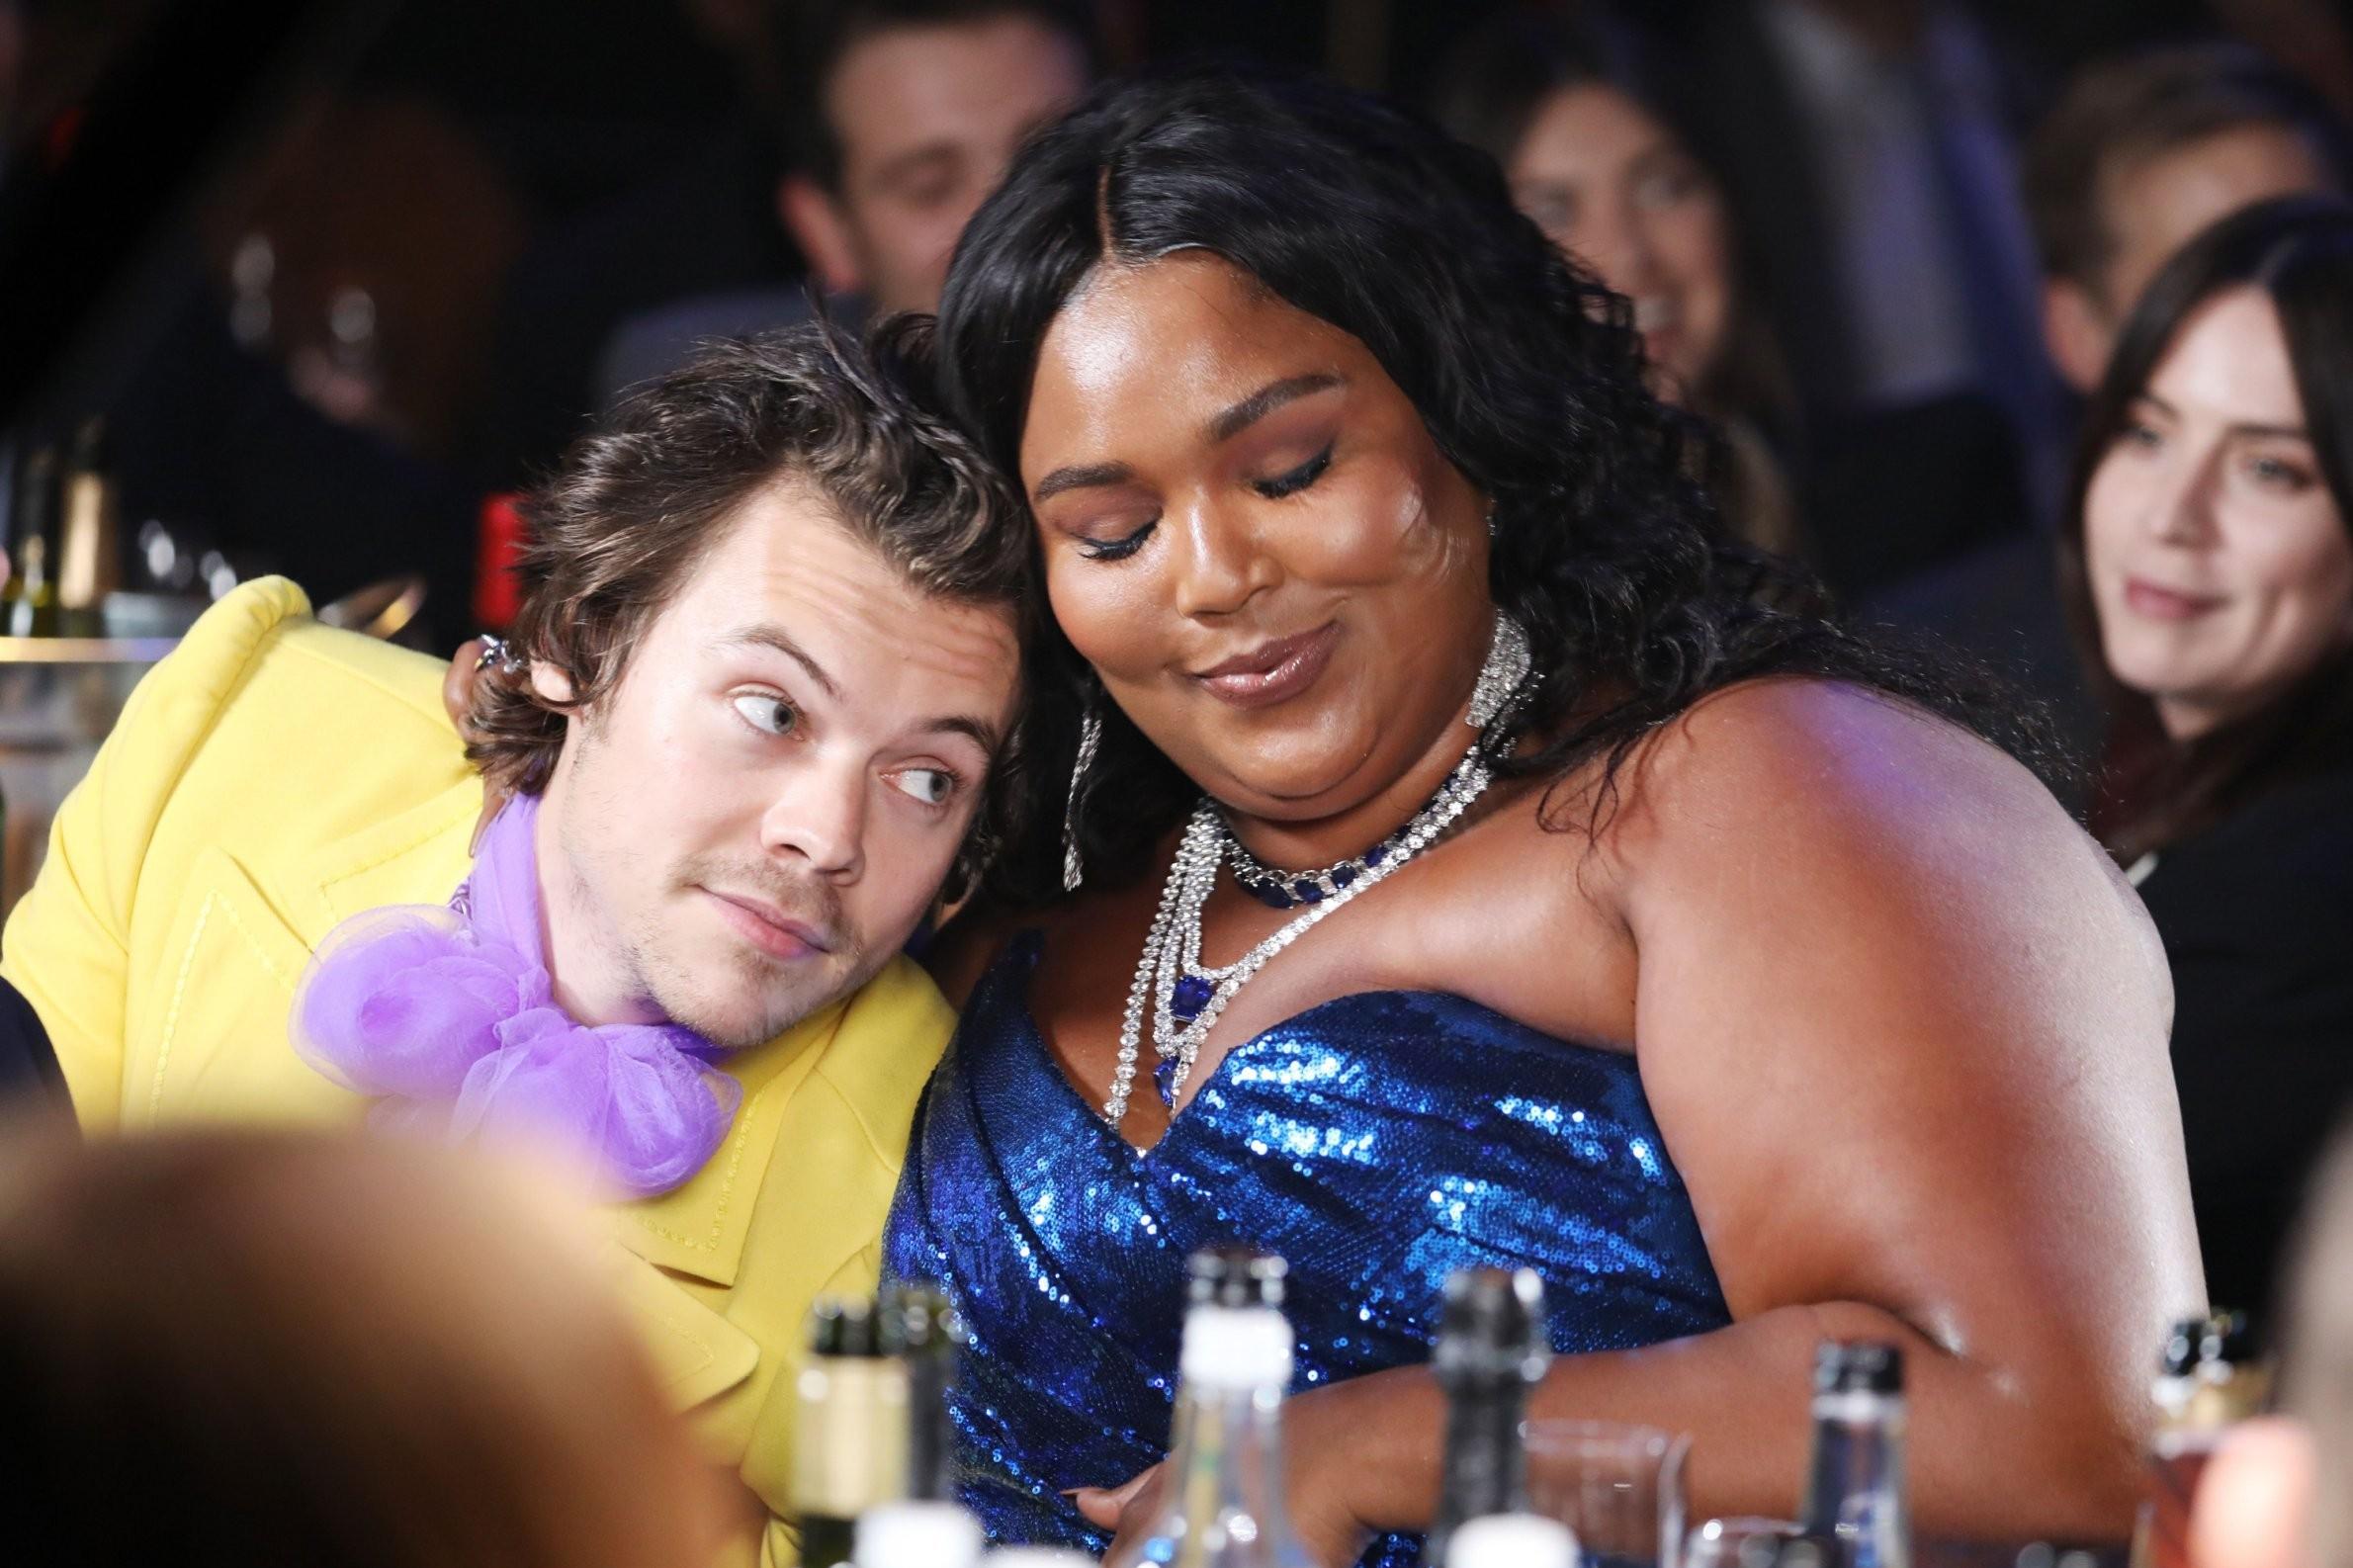 Brit Awards 2020: Los 7 mejores momentos de una ceremonia política con performances icónicos